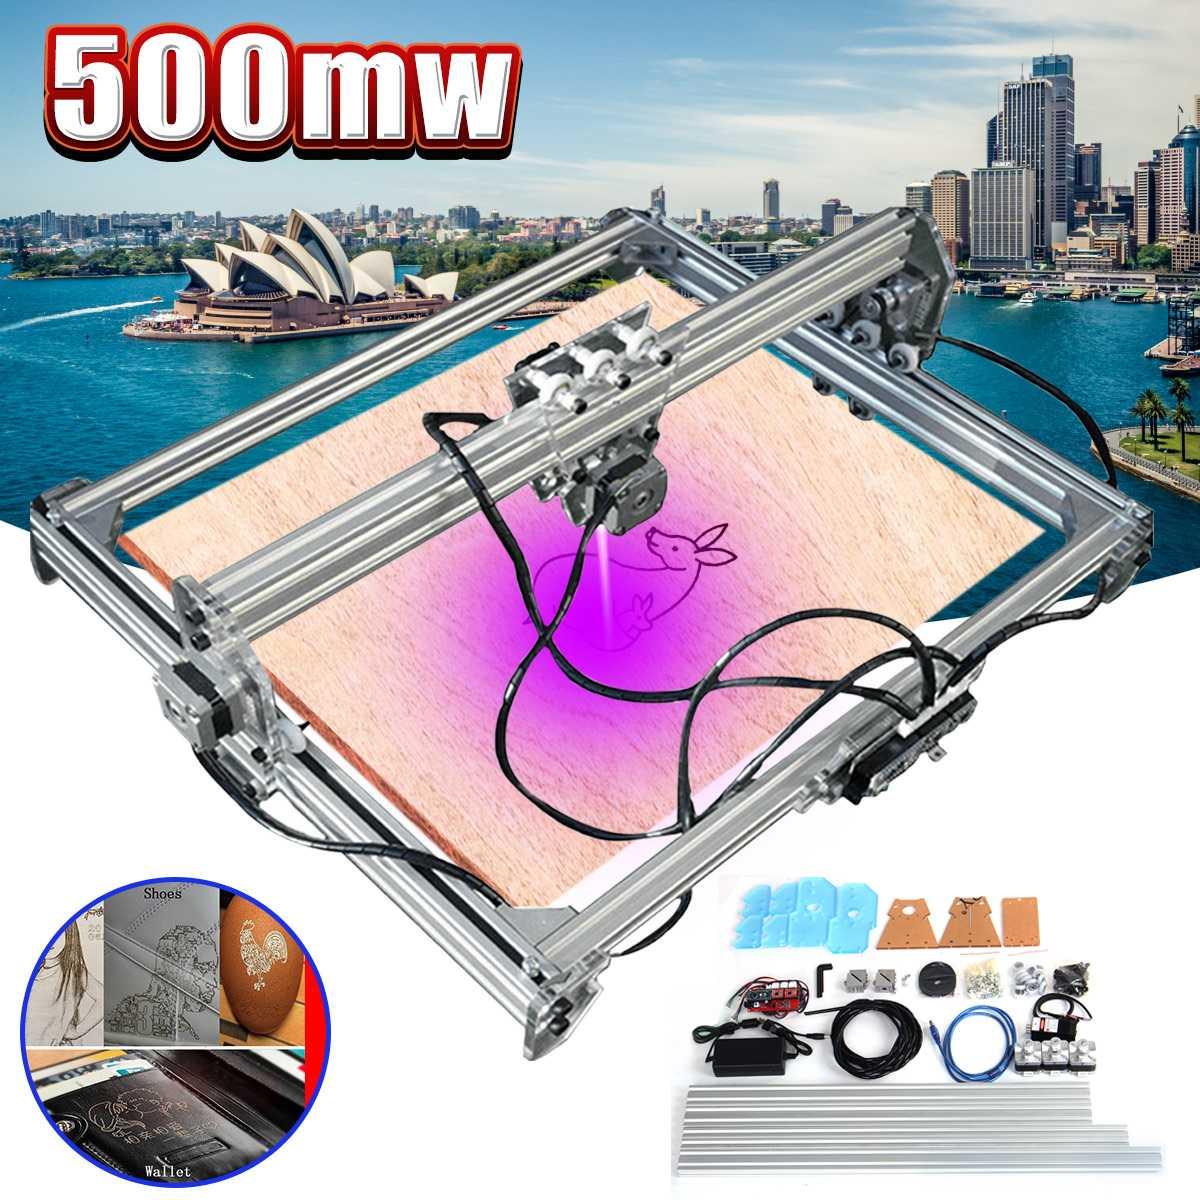 65x50 centímetros DC 12 V 500 mW Laser Engraving Gravador de Corte DIY Desktop Mini Cortador de Madeira/Impressora marcação de Impressora Logotipo Cinzelando a Máquina